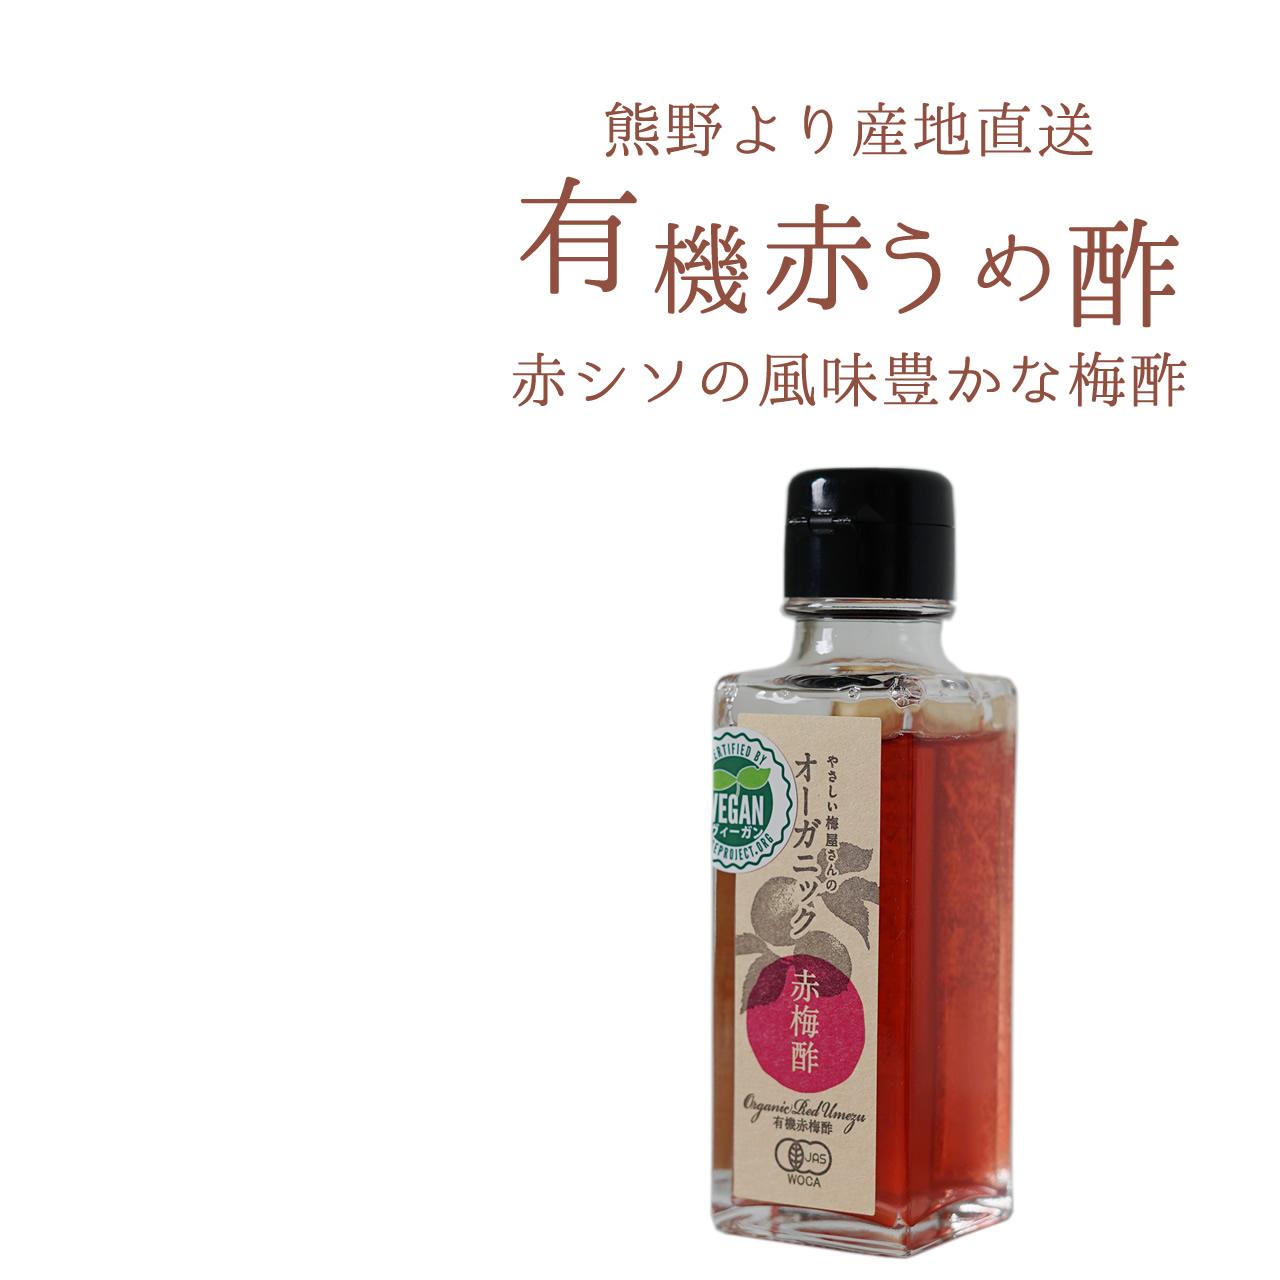 熊野より産地直送する有機赤シソ梅酢